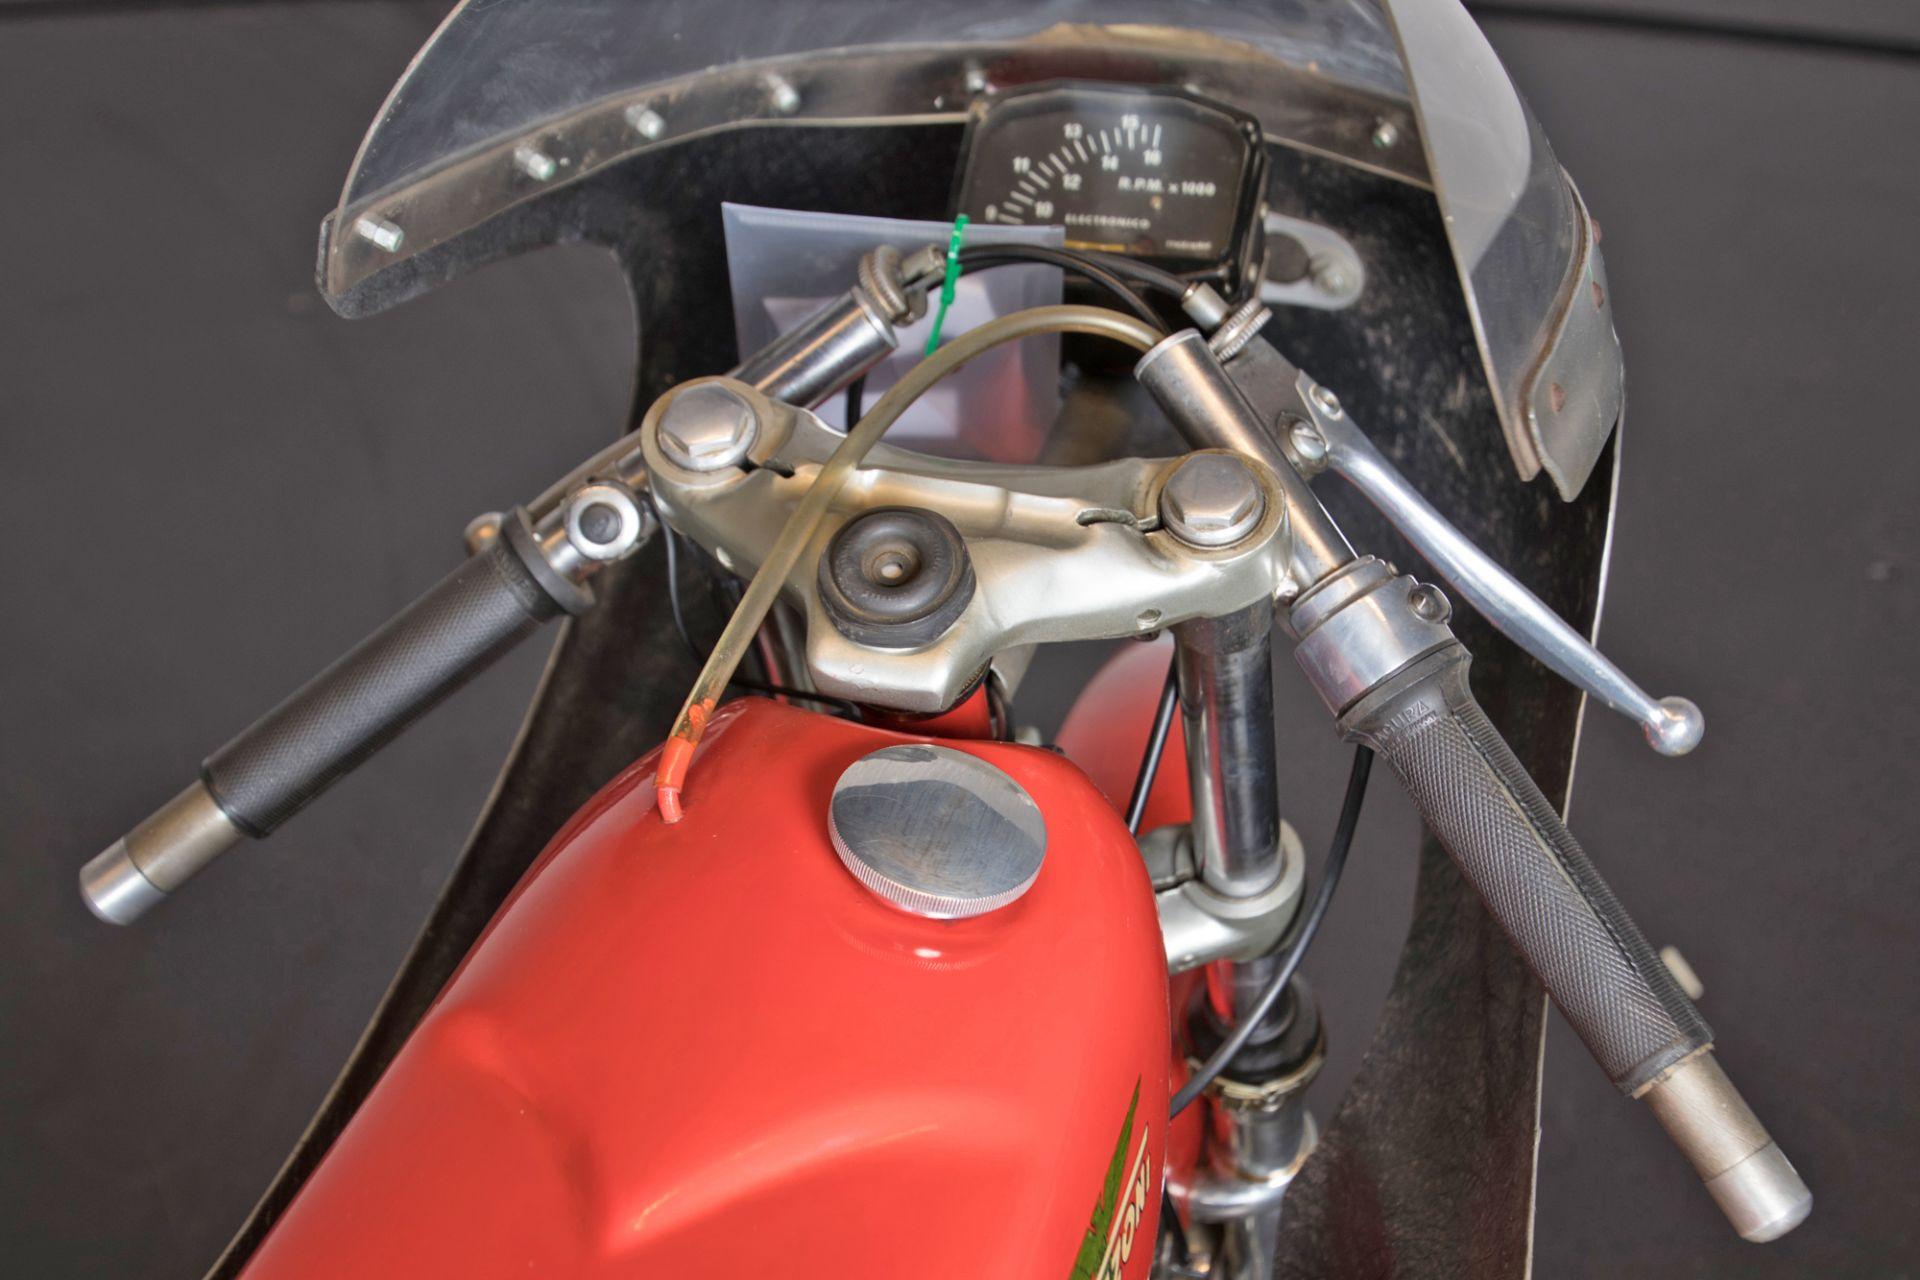 1969 Guazzoni Matta 50 Ingranaggino 36381